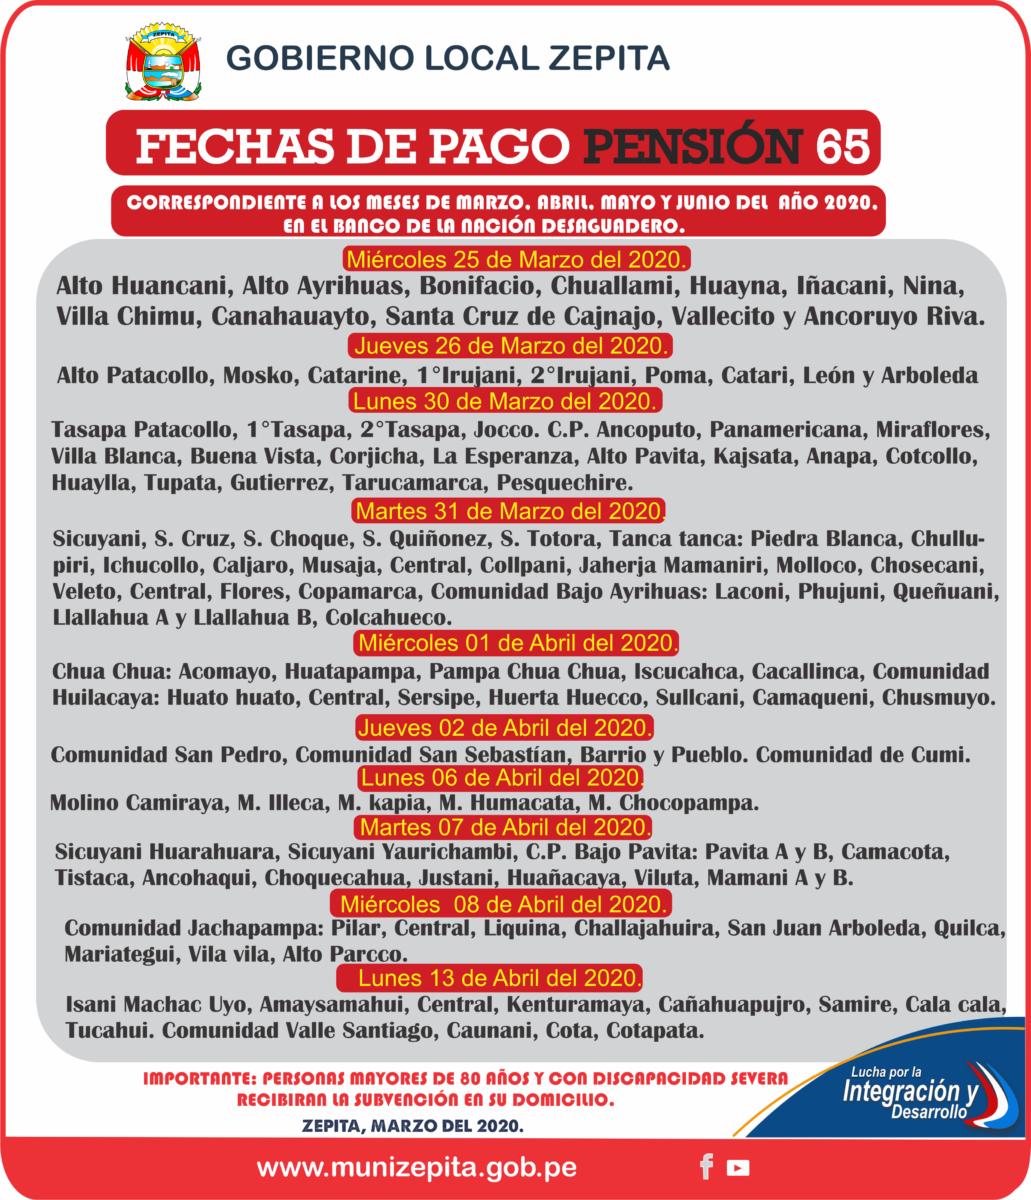 CRONOGRAMA DE PAGOS DEL PROGRAMA PENSIÓN 65, CORRESPONDIENTE A LOS MESES MARZO, ABRI, MAYO Y JUNIO DEL PRESENTE AÑO 2020 EN EL BANCO DE LA NACIÓN DESAGUADERO.